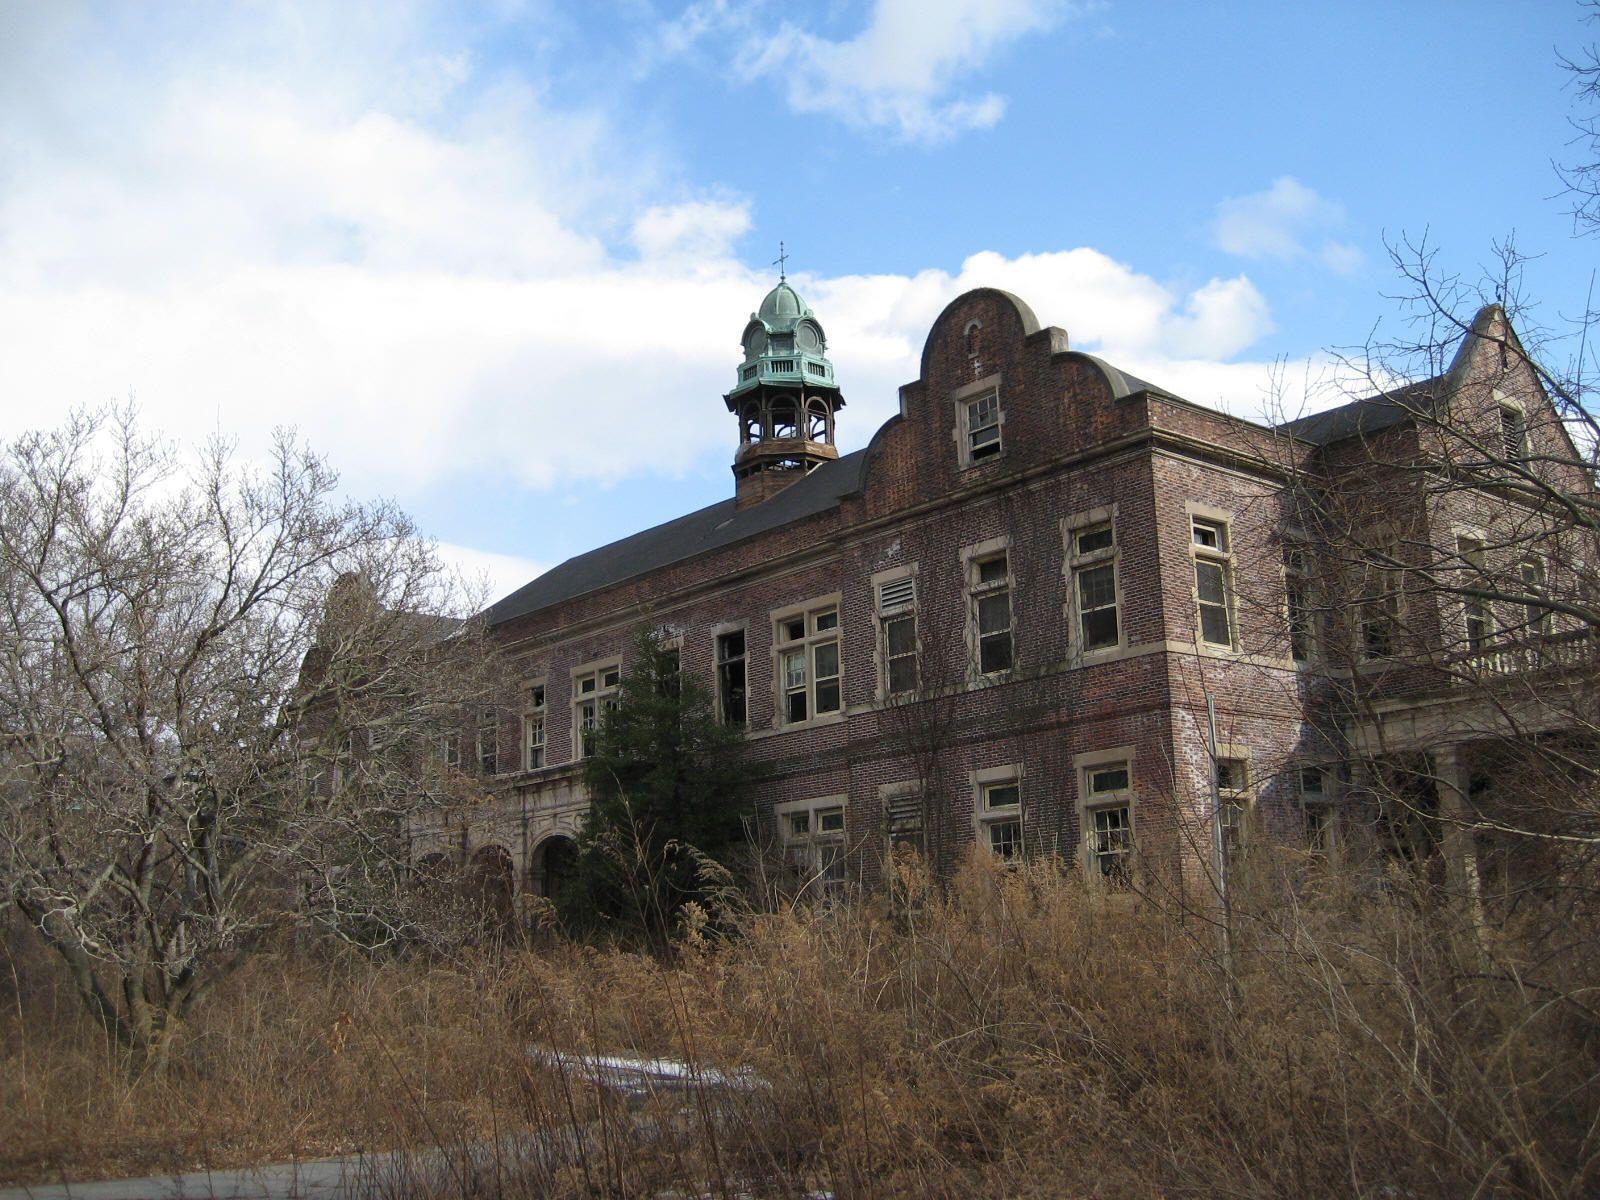 Pennhurst State Hospital Abandoned hospital, Abandoned